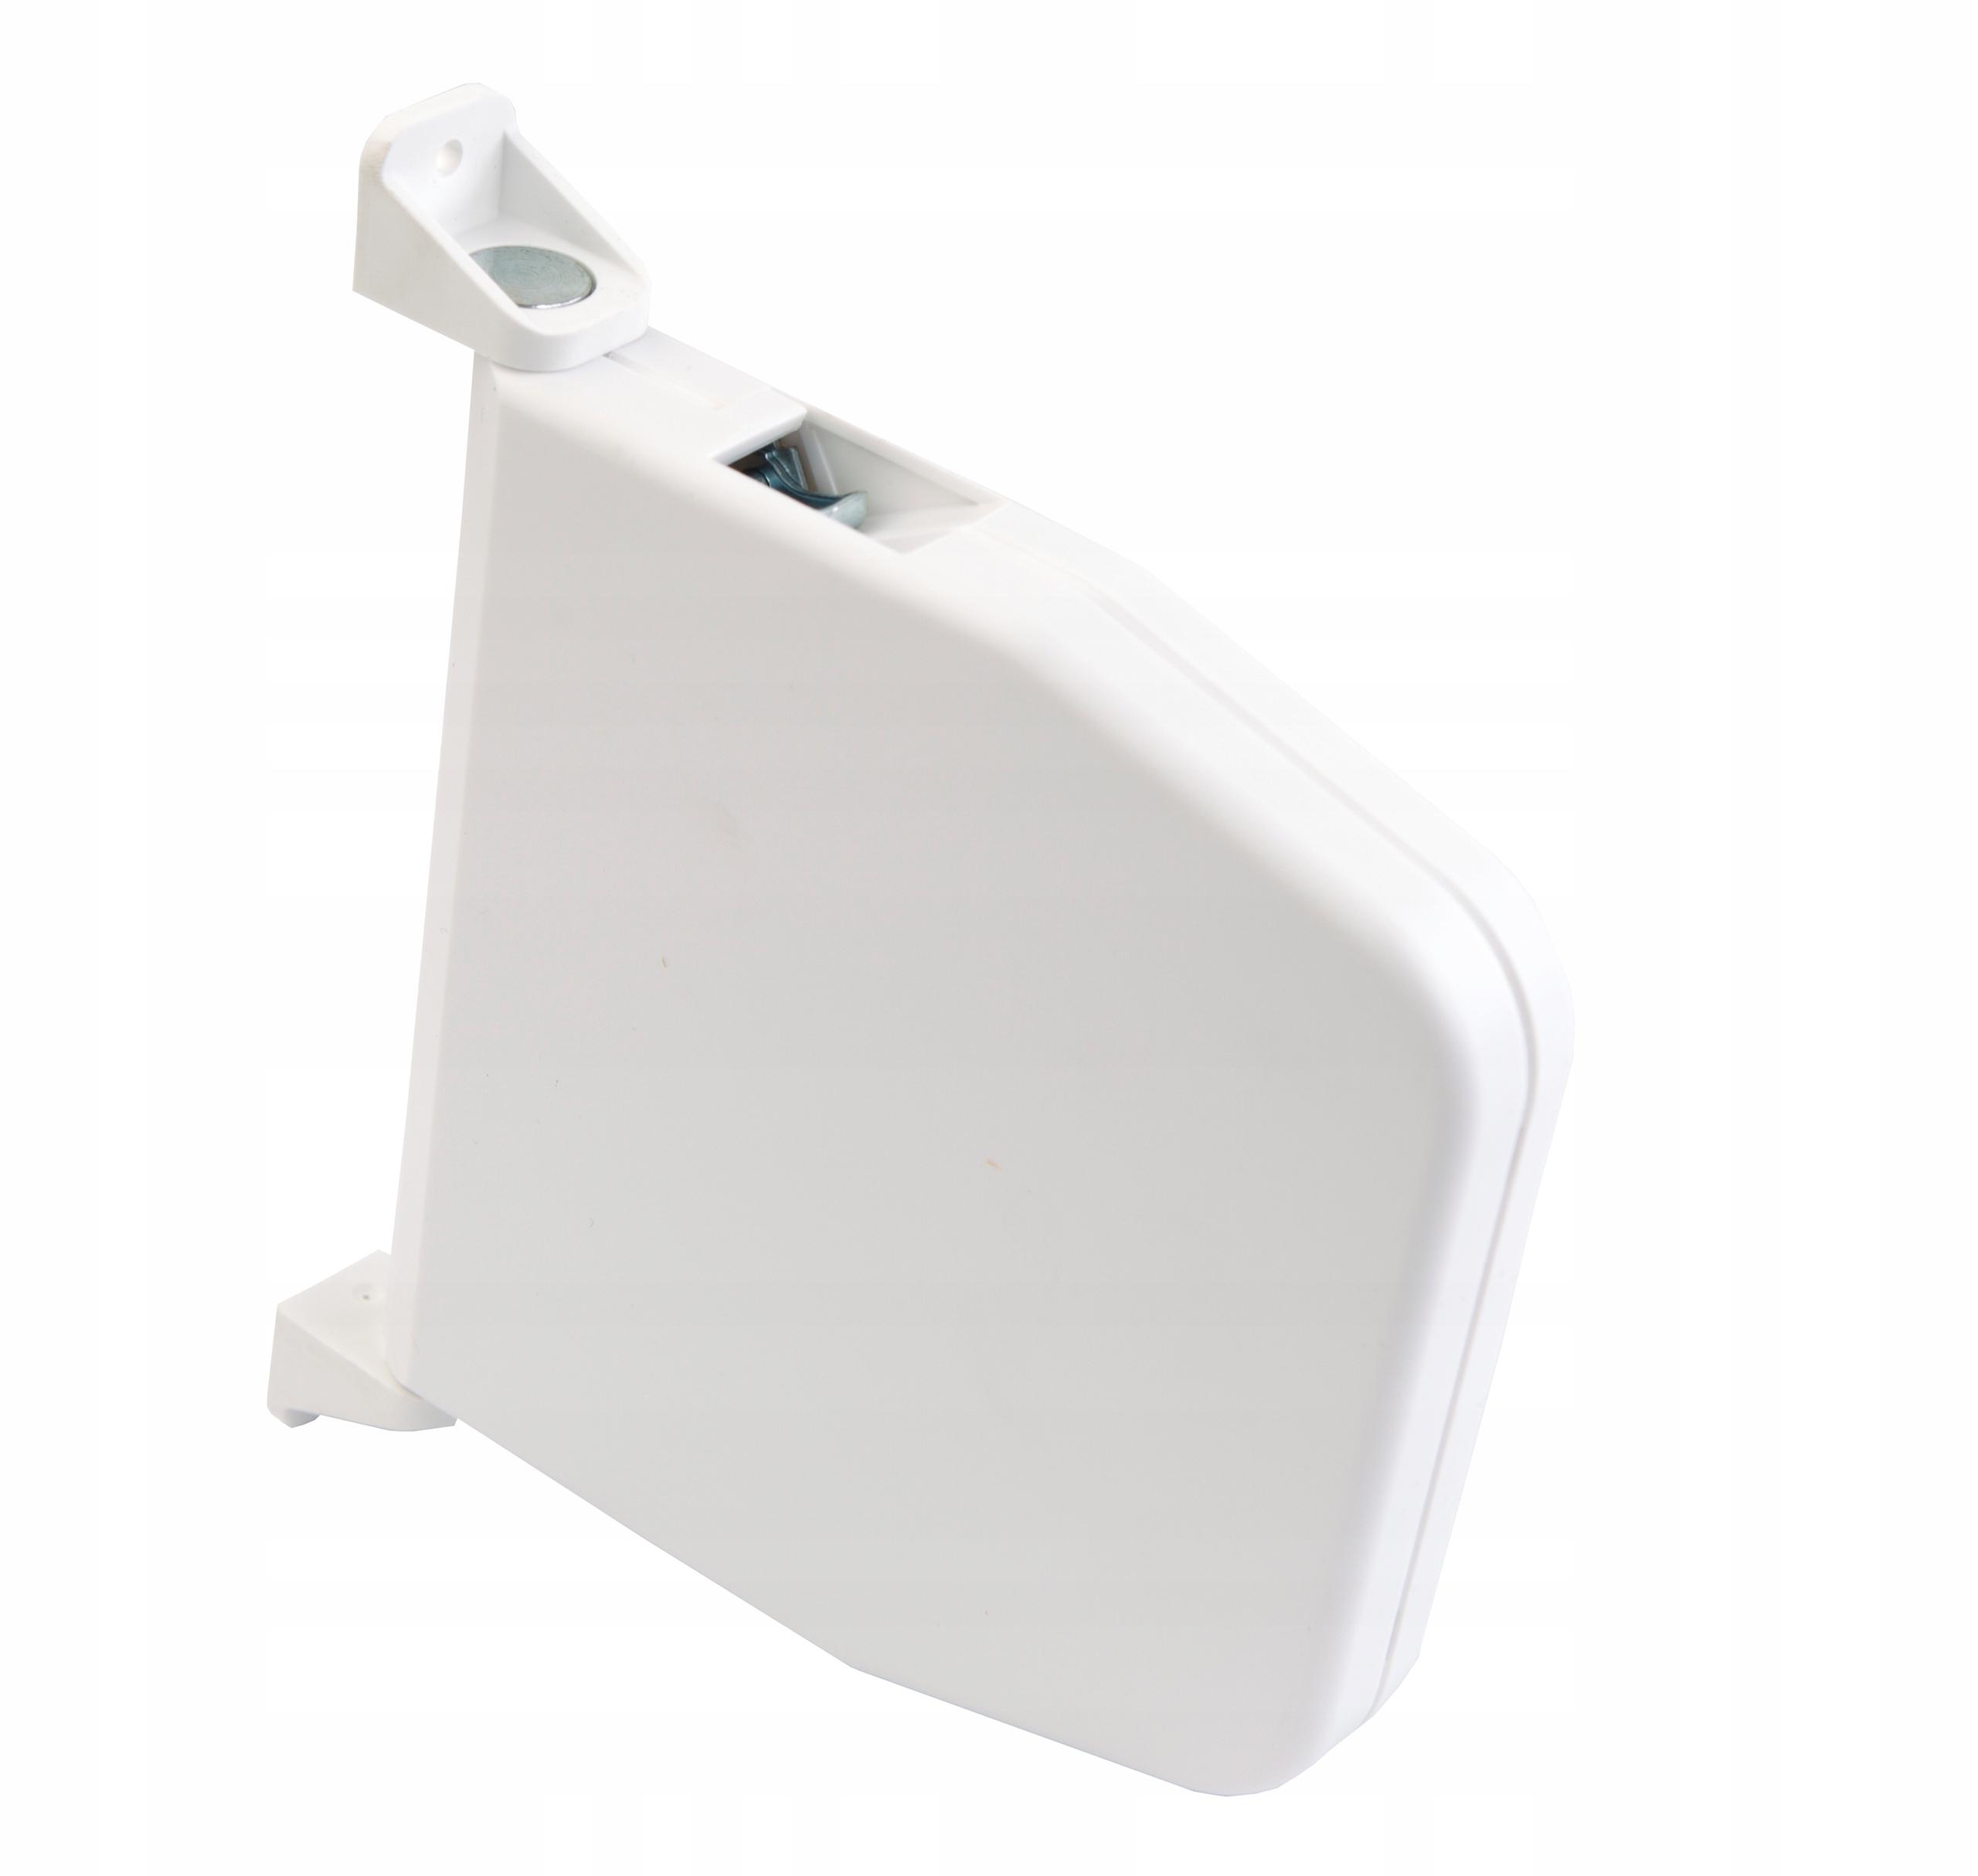 Zwijacz biały na pasek / taśmę do rolet